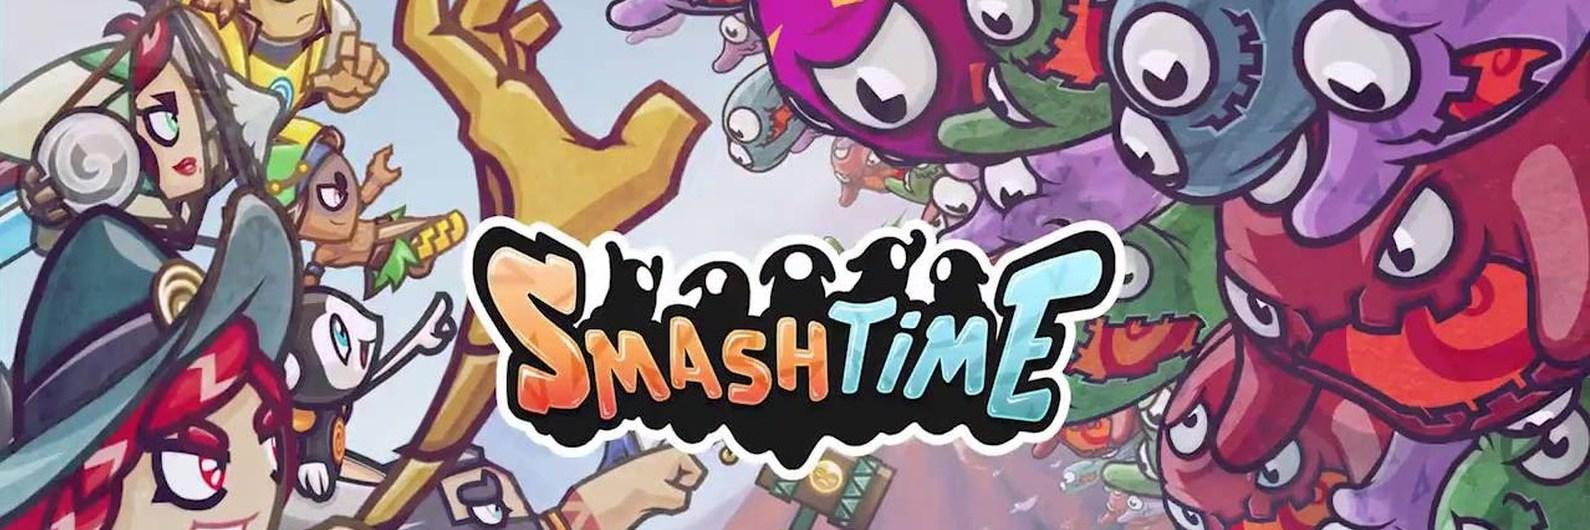 O Smash Time é português e está nomeado para Jogo do Ano